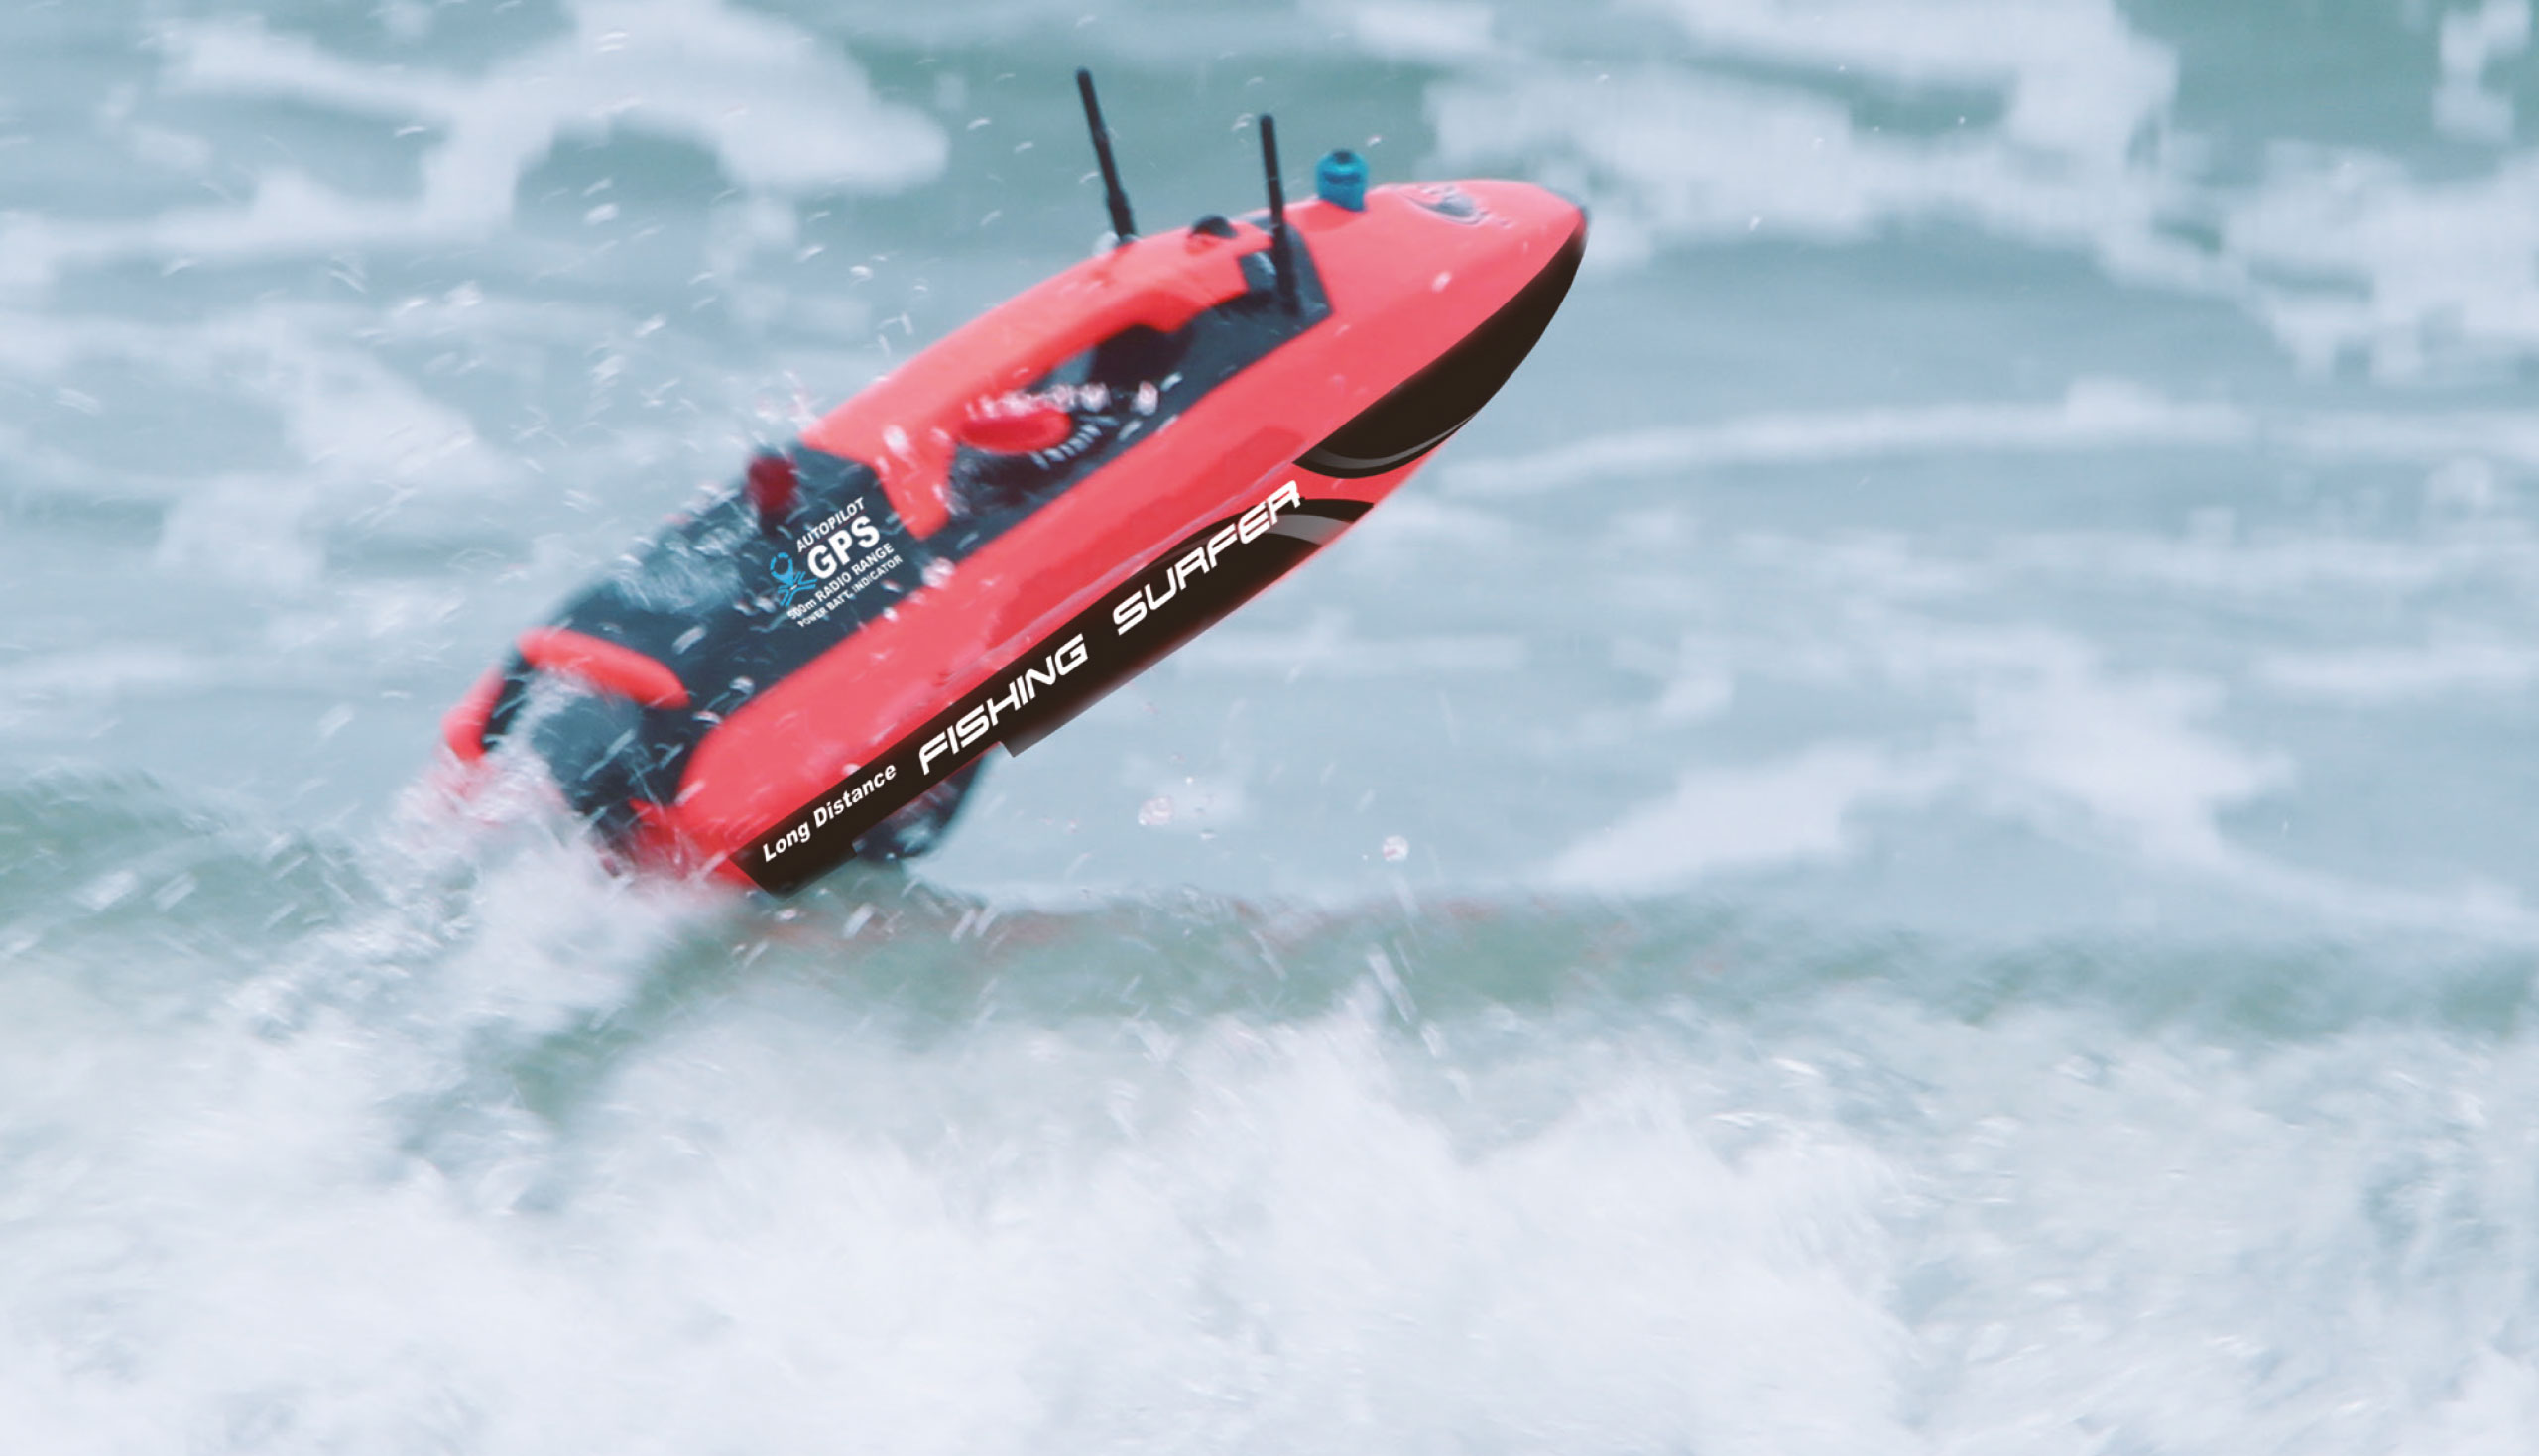 FISHING SURFER NA VLNY 1M. S DOSAHEM 500 METRŮ, GPS, brusless, pro dovoz háčku a zábavu